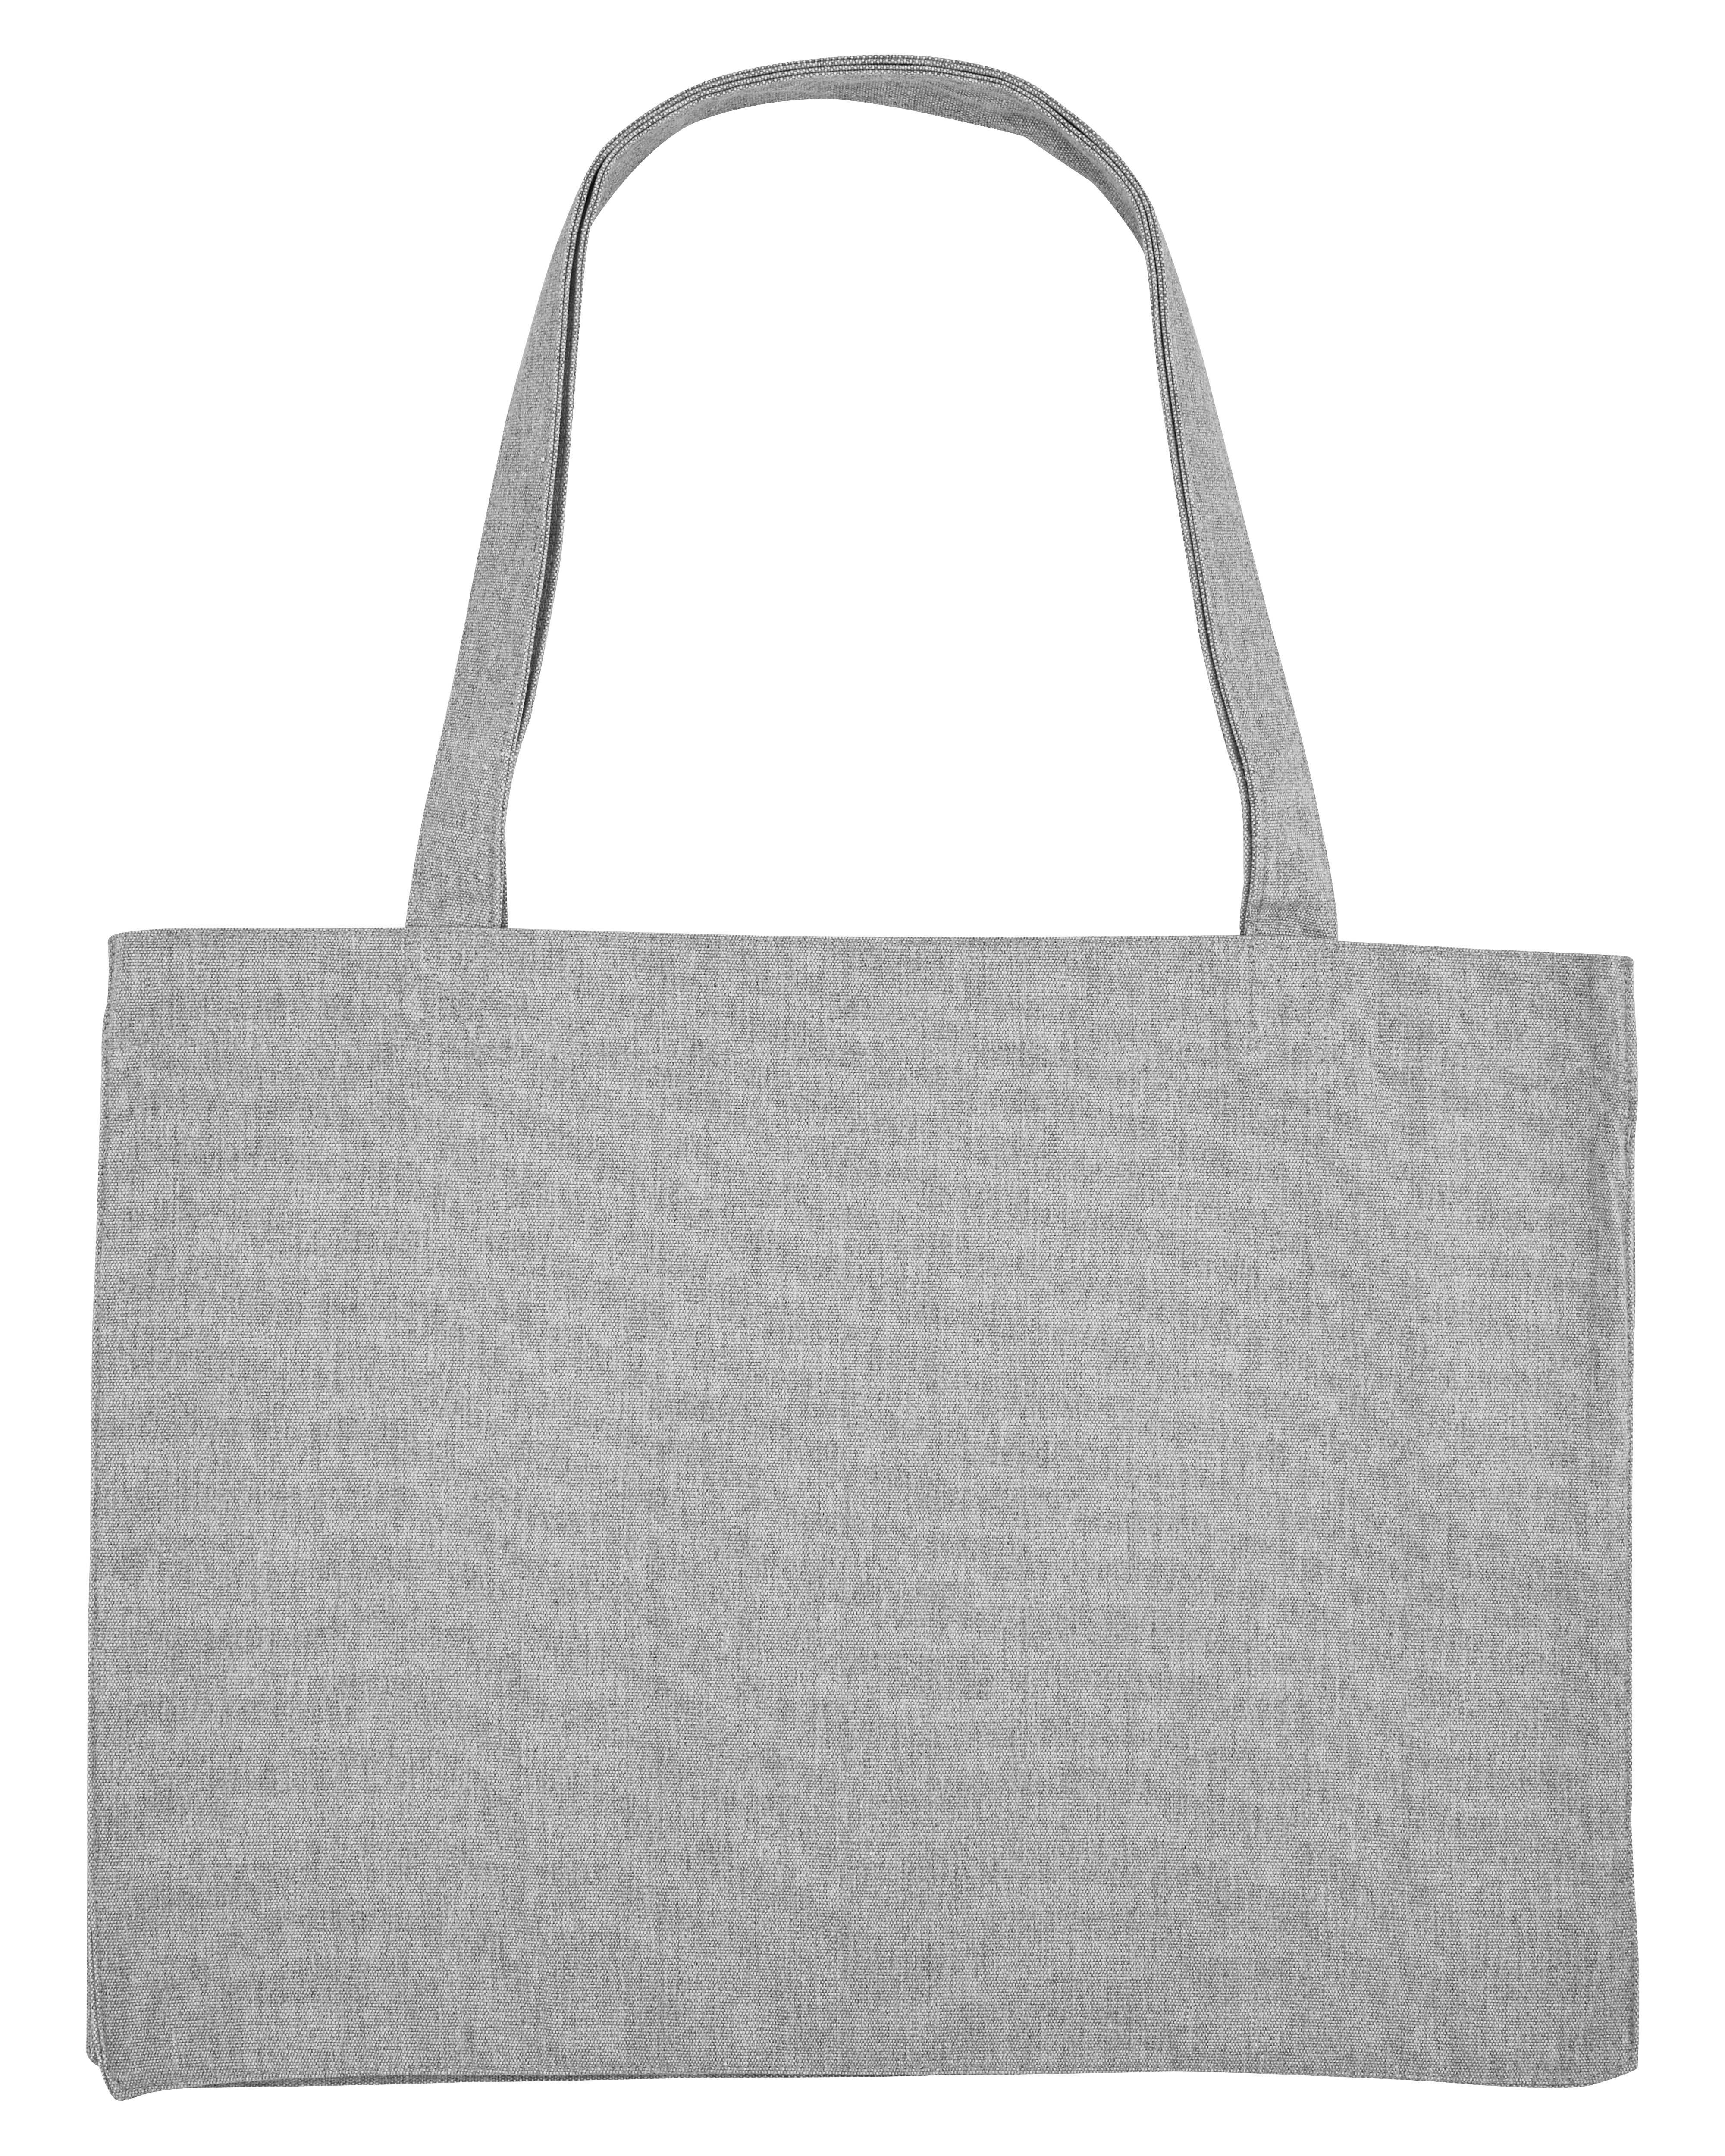 Shopping bag - 81-1048-5